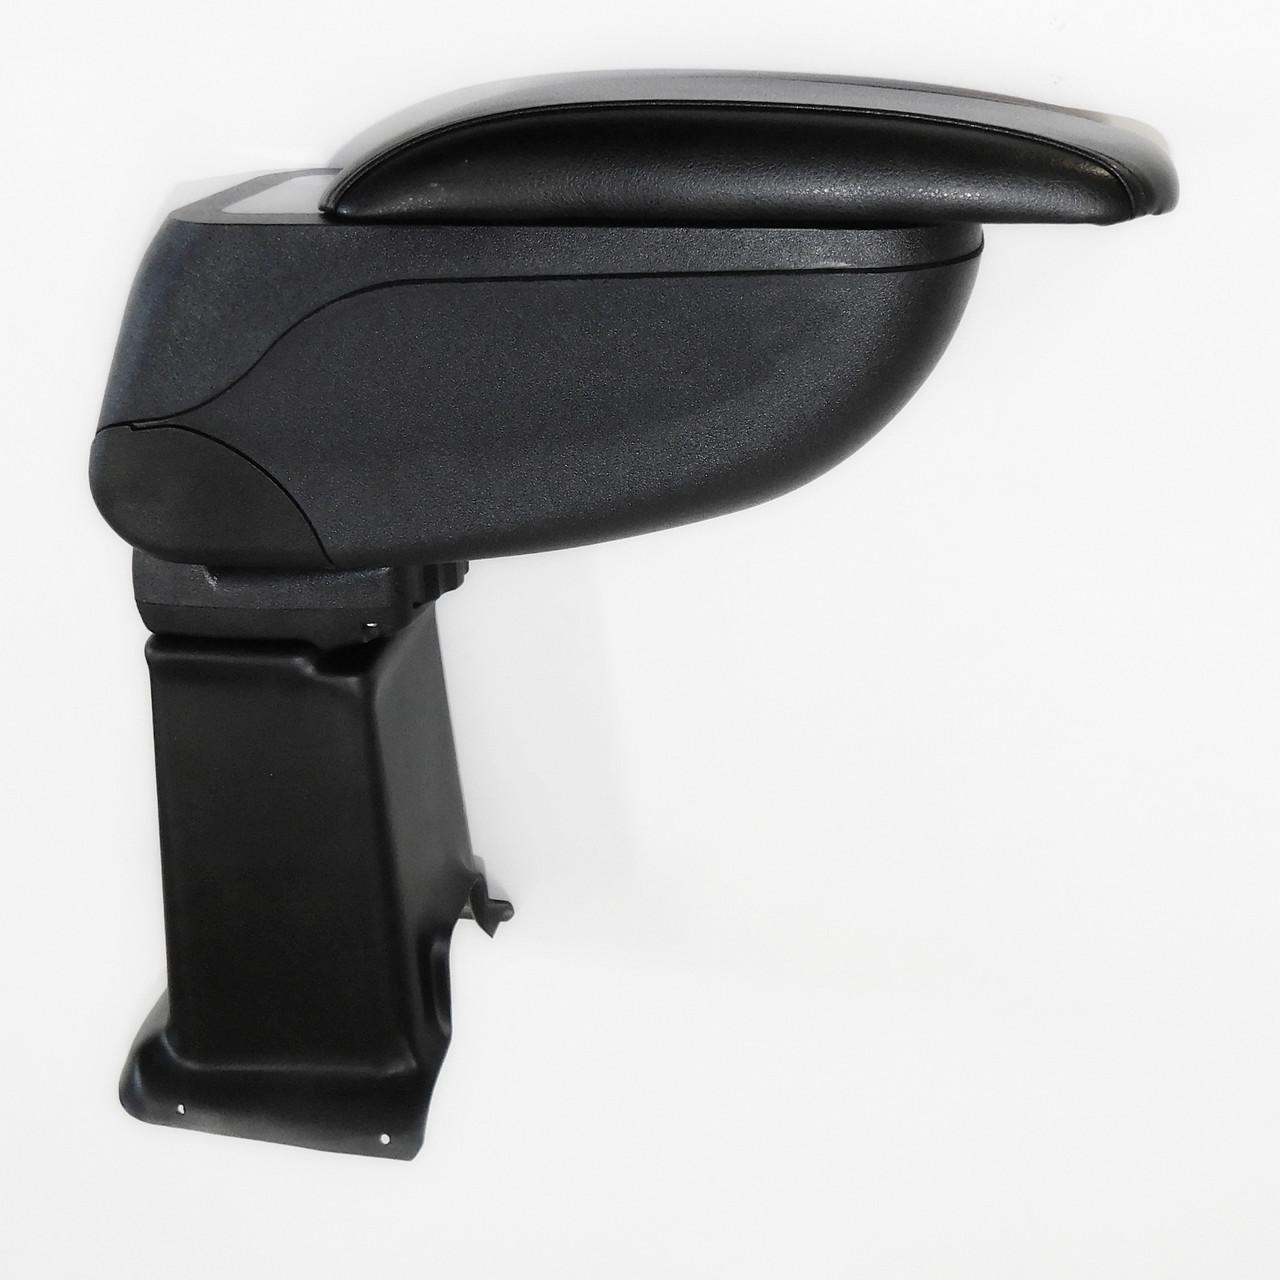 ARS3CICIK00121 Citroen Berlingo III 2018> armcik s2 armrest